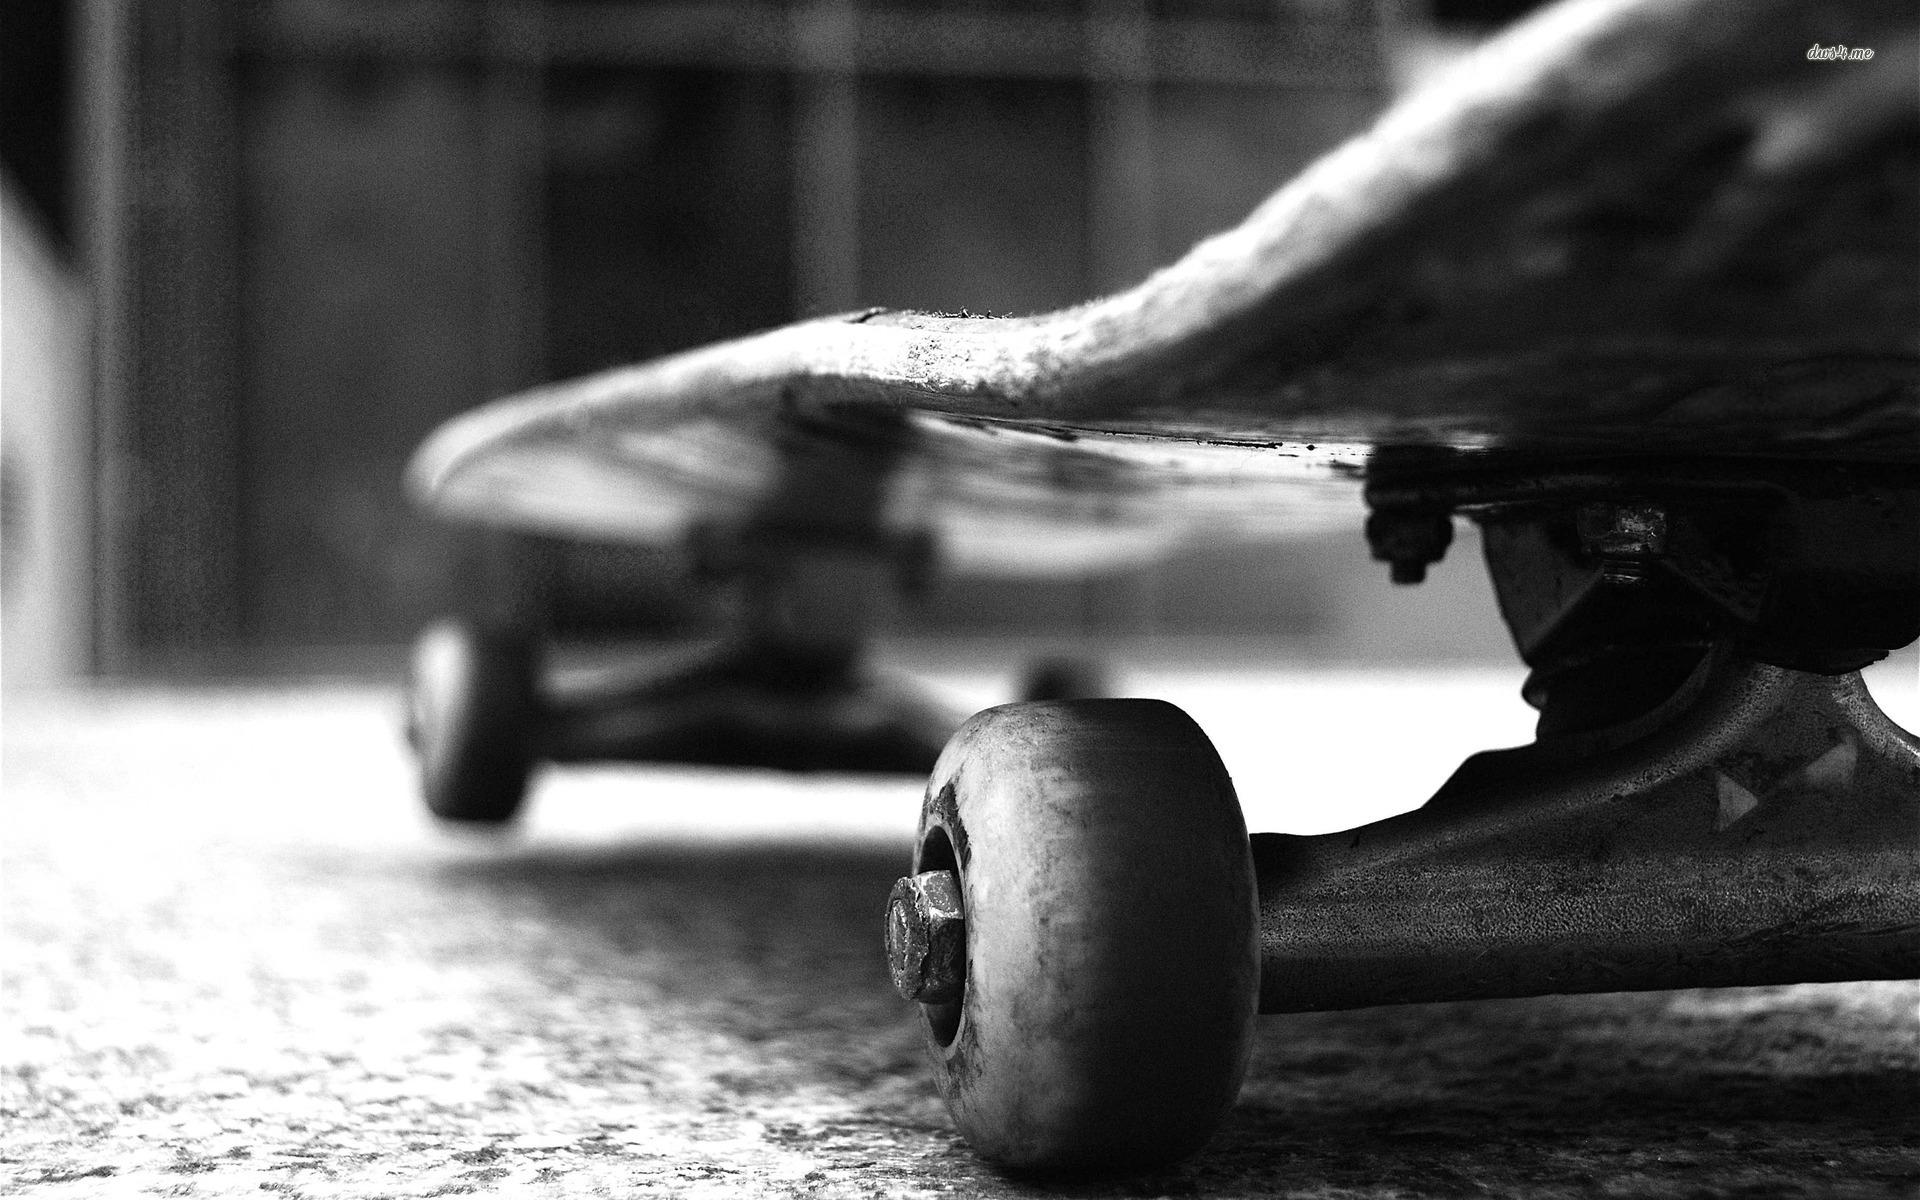 Skate Backgrounds | Desktop Image